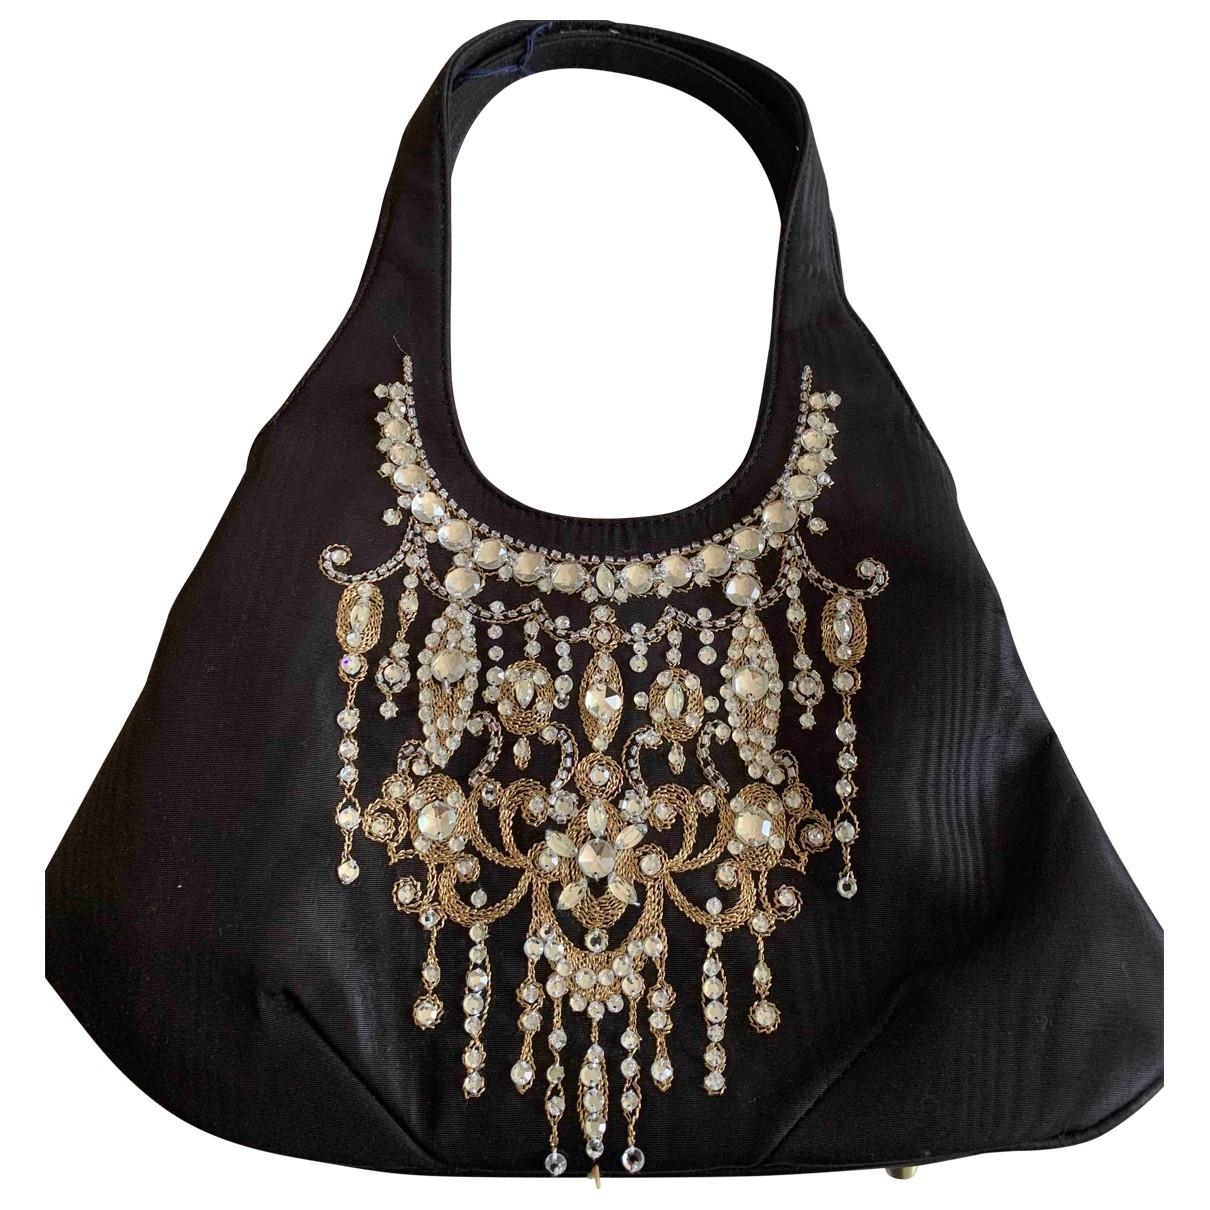 Lulu Guinness \N Handtasche in  Schwarz Polyester